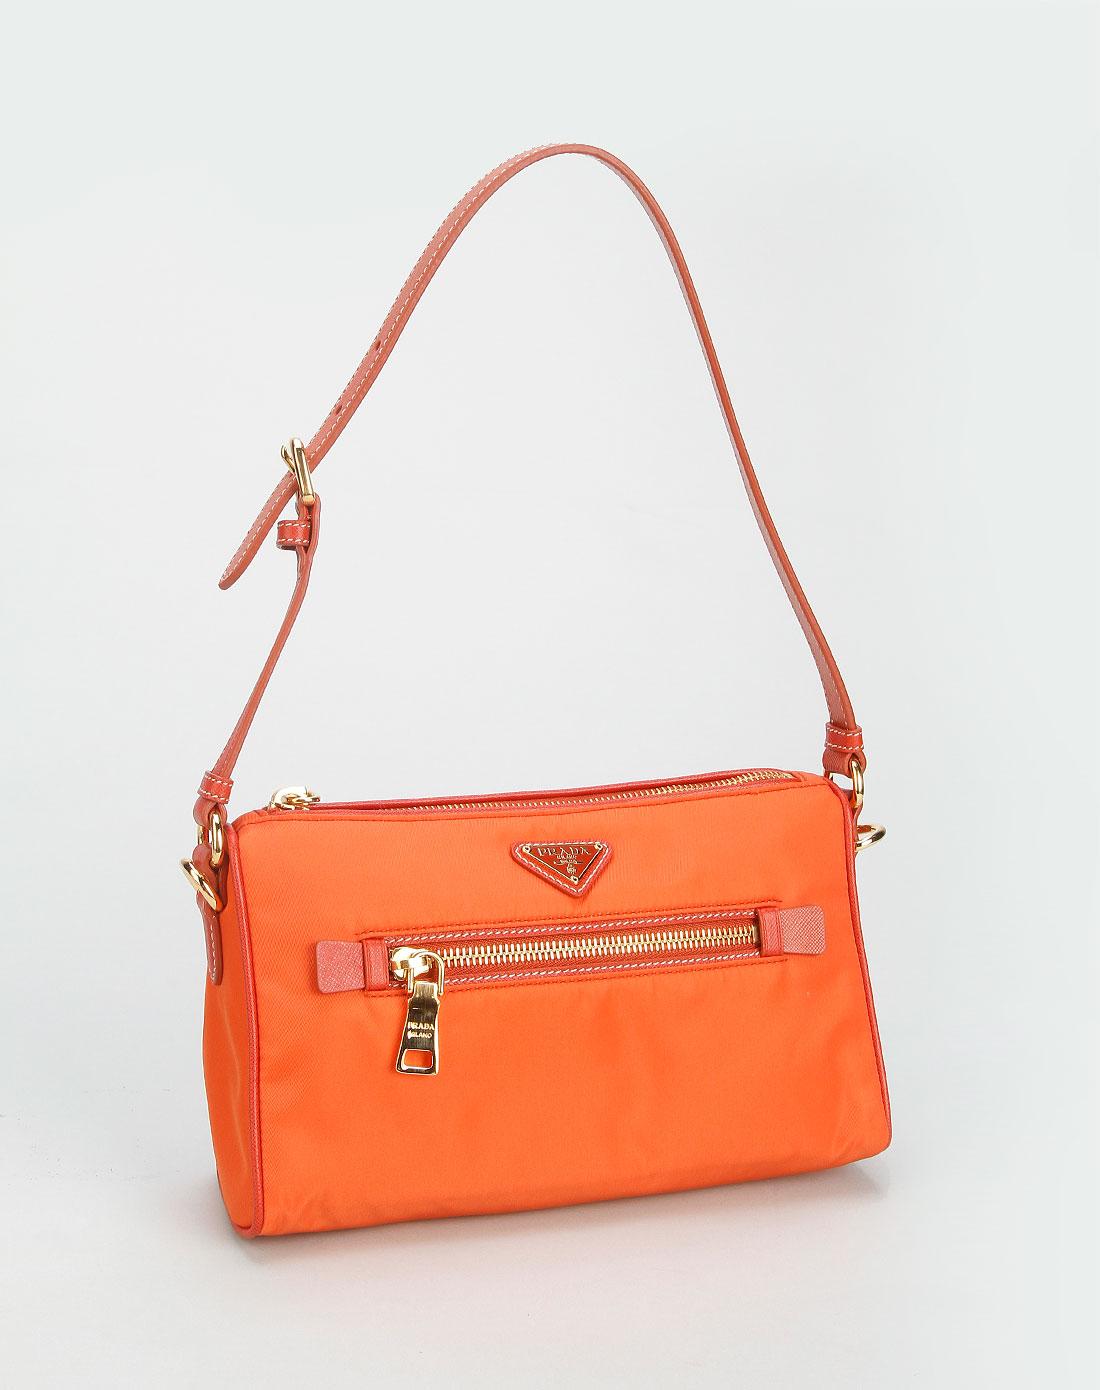 prada女款橙色简约休闲手提包